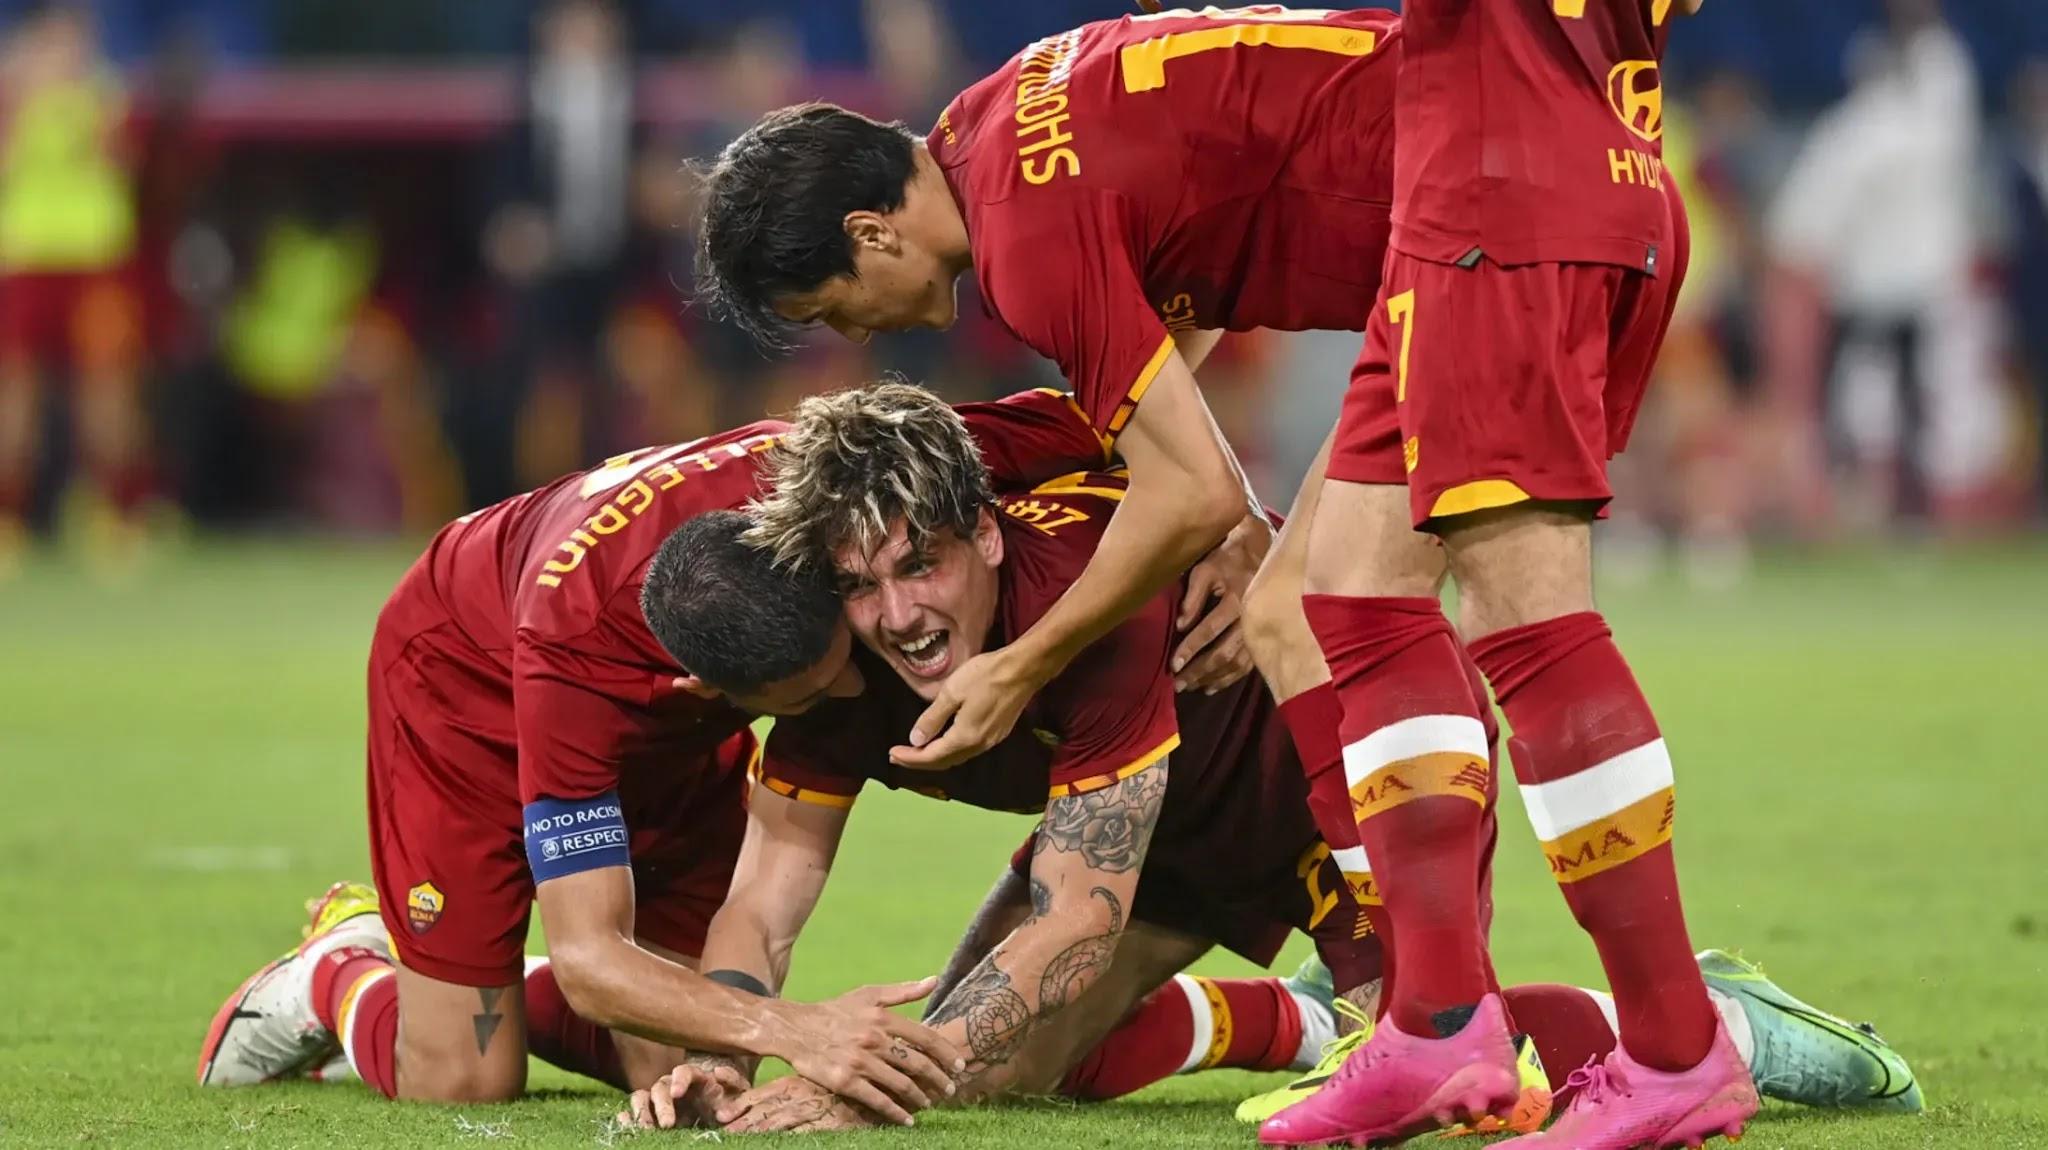 مباراة روما وساليرنيتانا